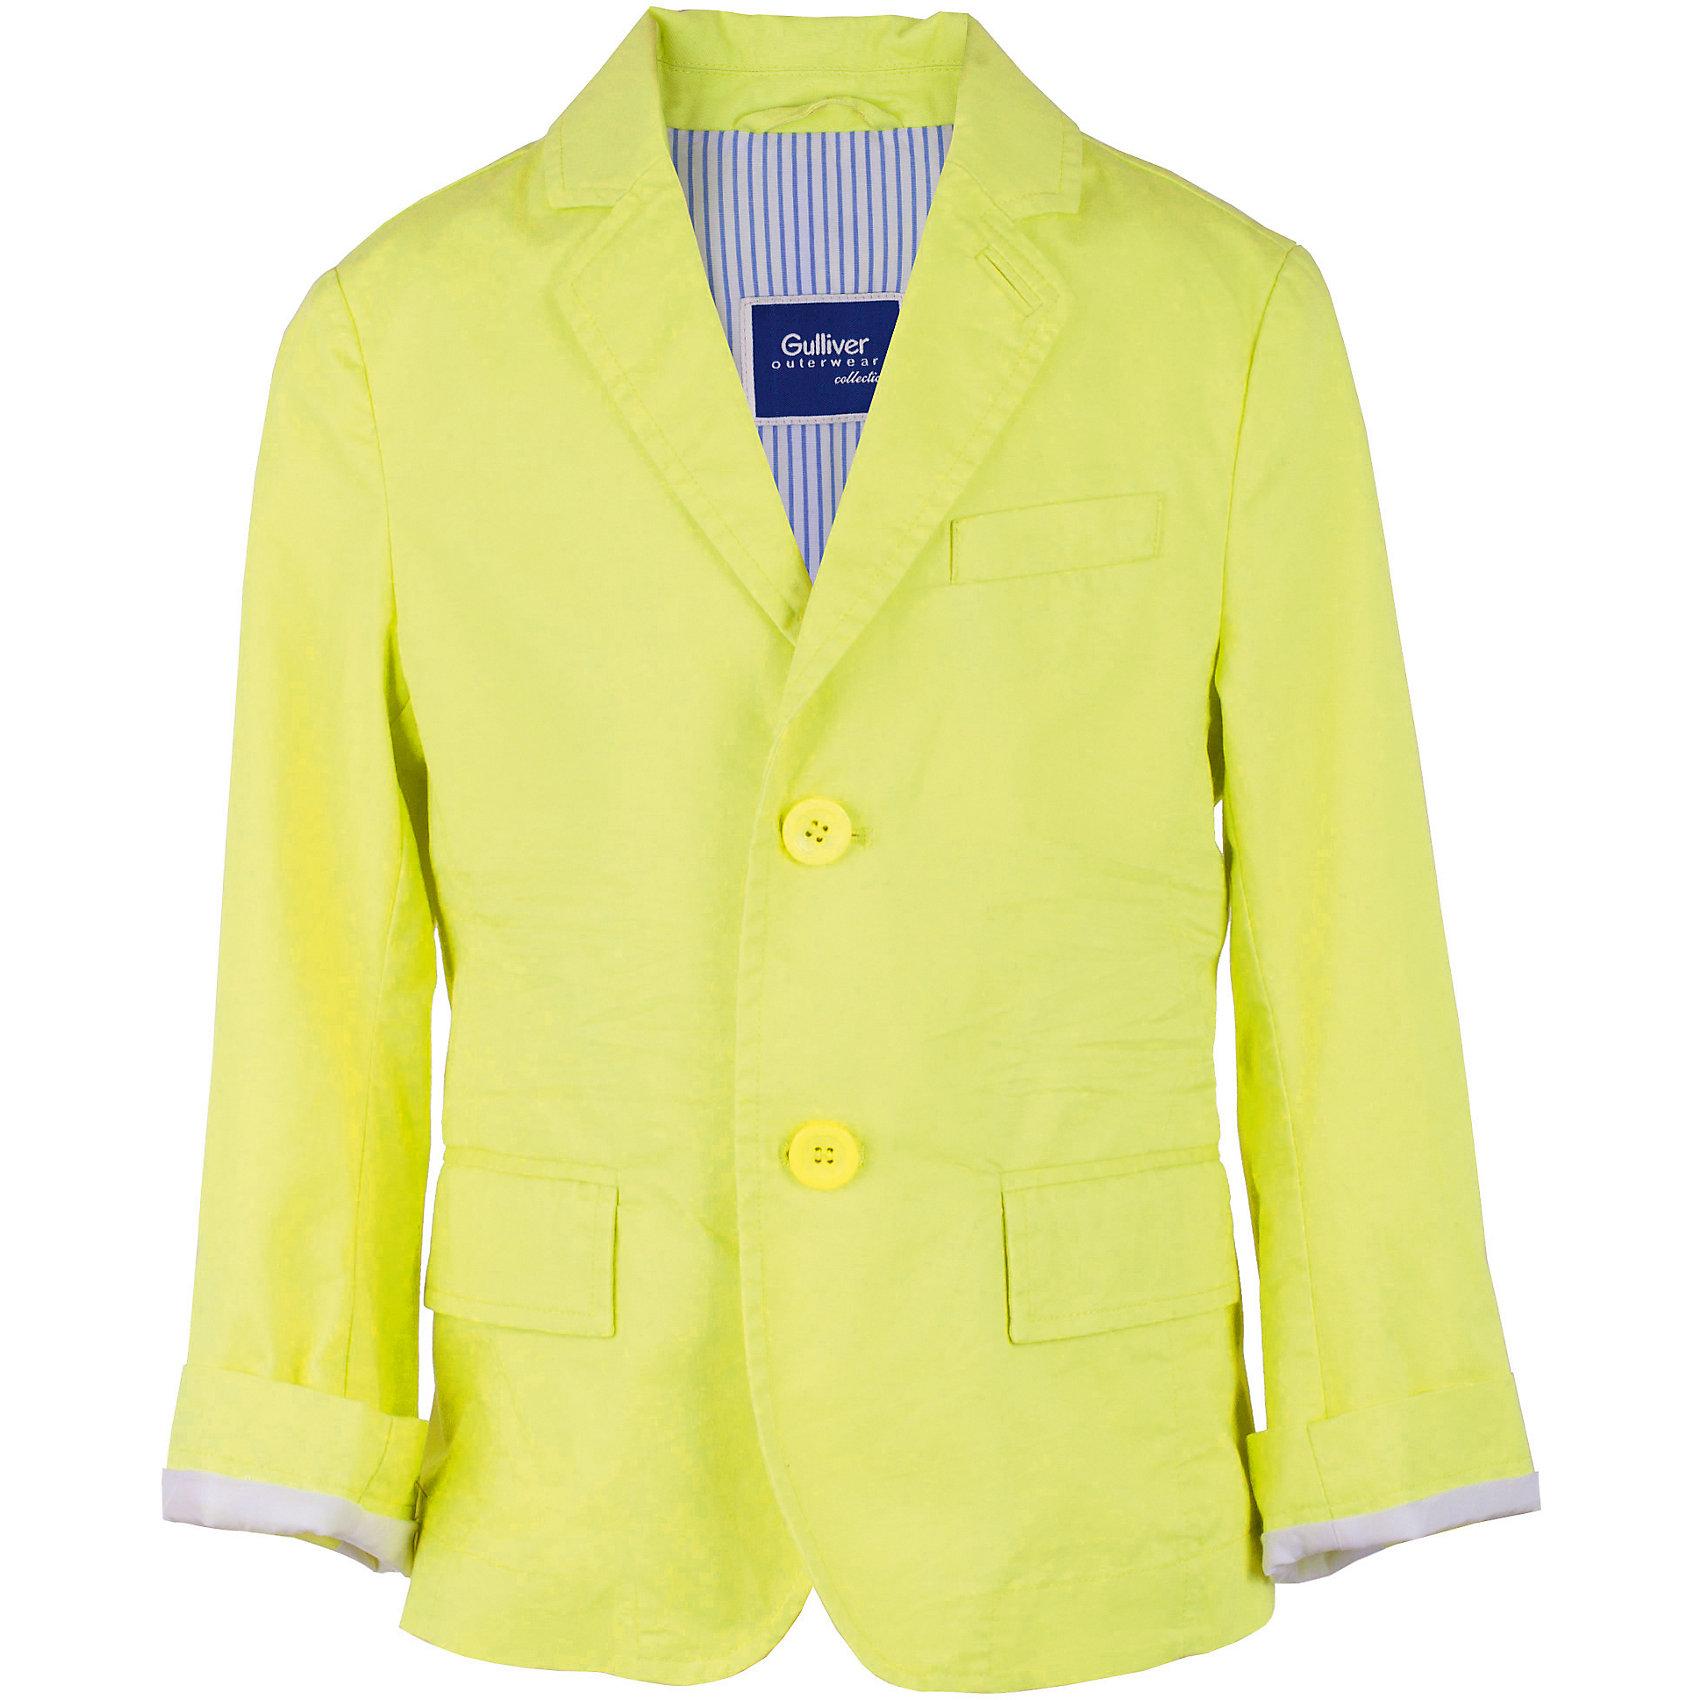 Пиджак для мальчика GulliverОдежда<br>Шикарный салатовый пиджак превратит любого озорника и непоседу в истинного джентльмена. Яркий пиджак из 100% хлопка - непременный атрибут модного и элегантного детского гардероба! Идеальная форма, правильная посадка изделия на фигуре, выразительные замины, а также красивая внутренняя обработка делают пиджак необычным и интересным. При этом, ребенок в нем будет чувствовать себя абсолютно свободно и непринужденно! Стильный пиджак для мальчика подчеркнет индивидуальность и сделает любой комплект в стиле casual  ярким и запоминающимся!<br>Состав:<br>100% хлопок<br><br>Ширина мм: 247<br>Глубина мм: 16<br>Высота мм: 140<br>Вес г: 225<br>Цвет: зеленый<br>Возраст от месяцев: 108<br>Возраст до месяцев: 120<br>Пол: Мужской<br>Возраст: Детский<br>Размер: 140,134,128,122<br>SKU: 5482957